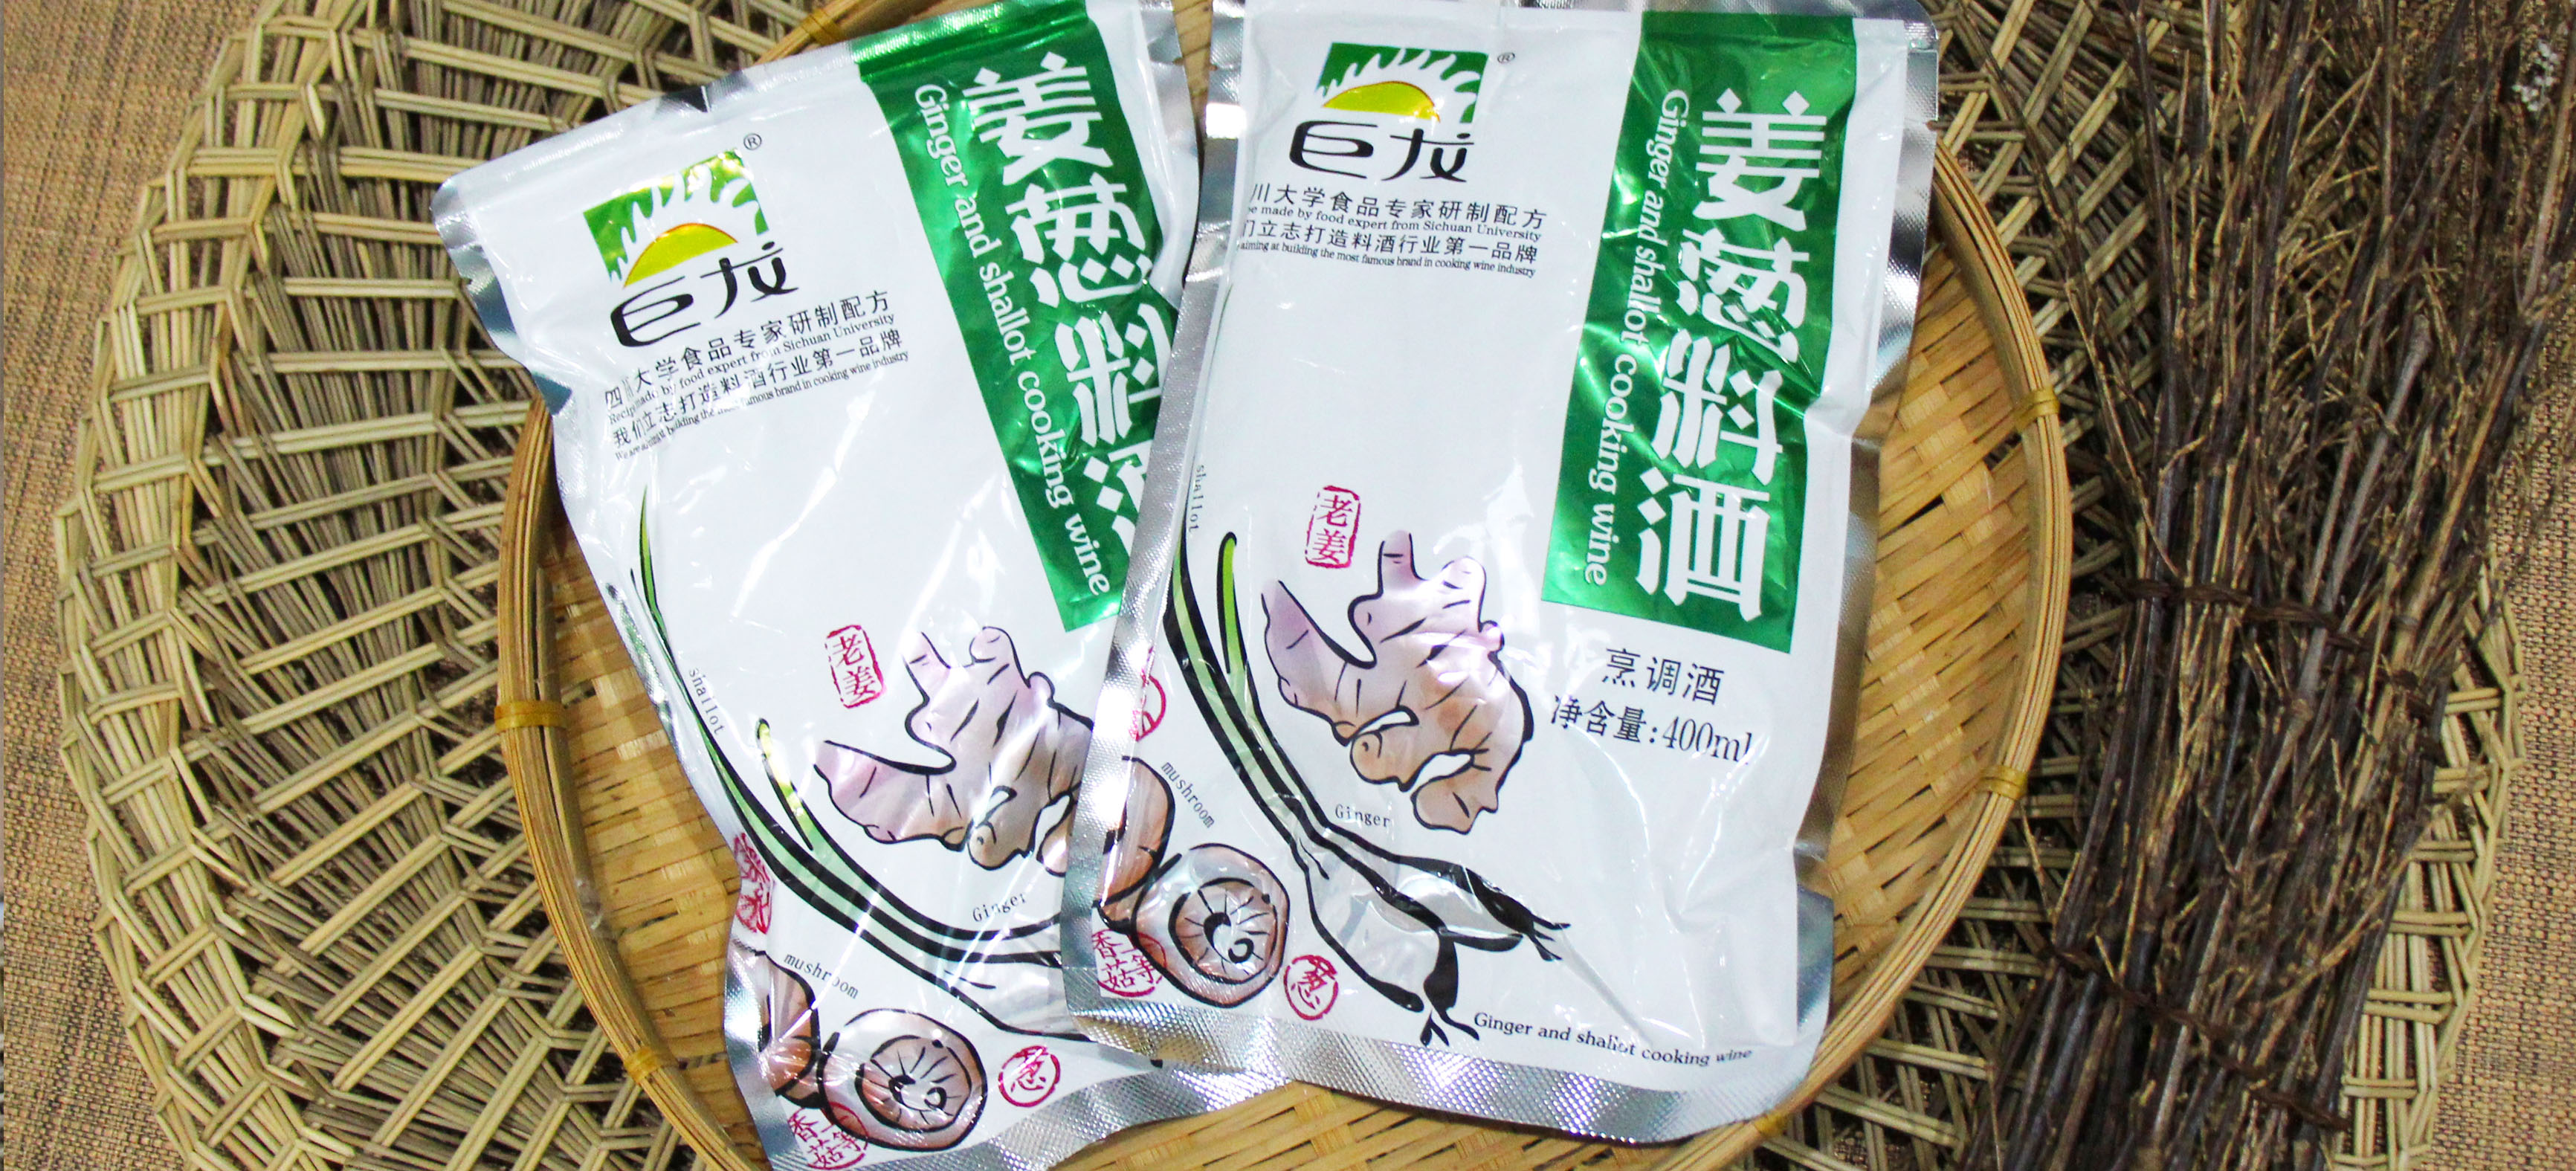 巨龙姜葱料酒